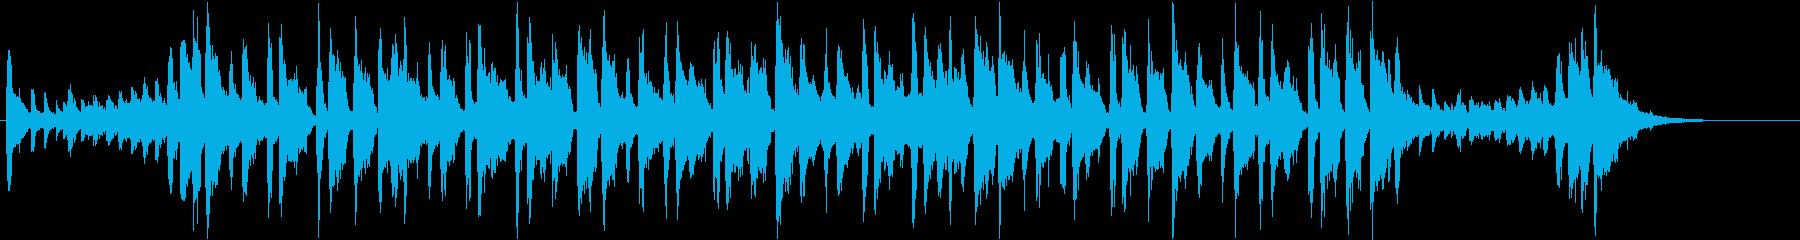 コミカルなロックブルース調ポップチューンの再生済みの波形